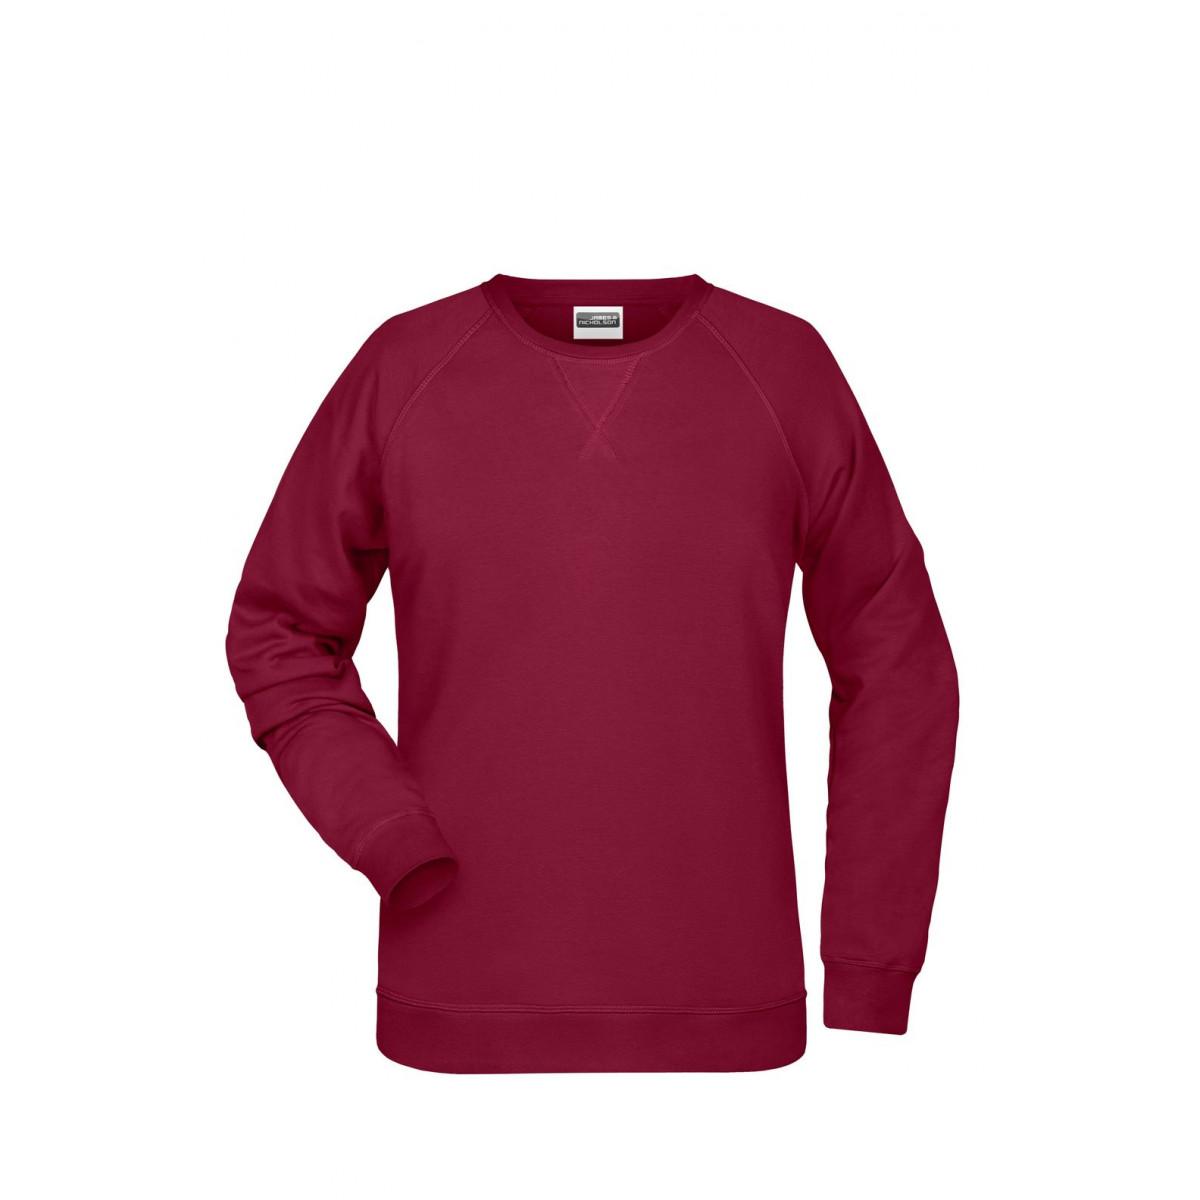 Толстовка женская 8021 Ladies Sweat - Бордовый